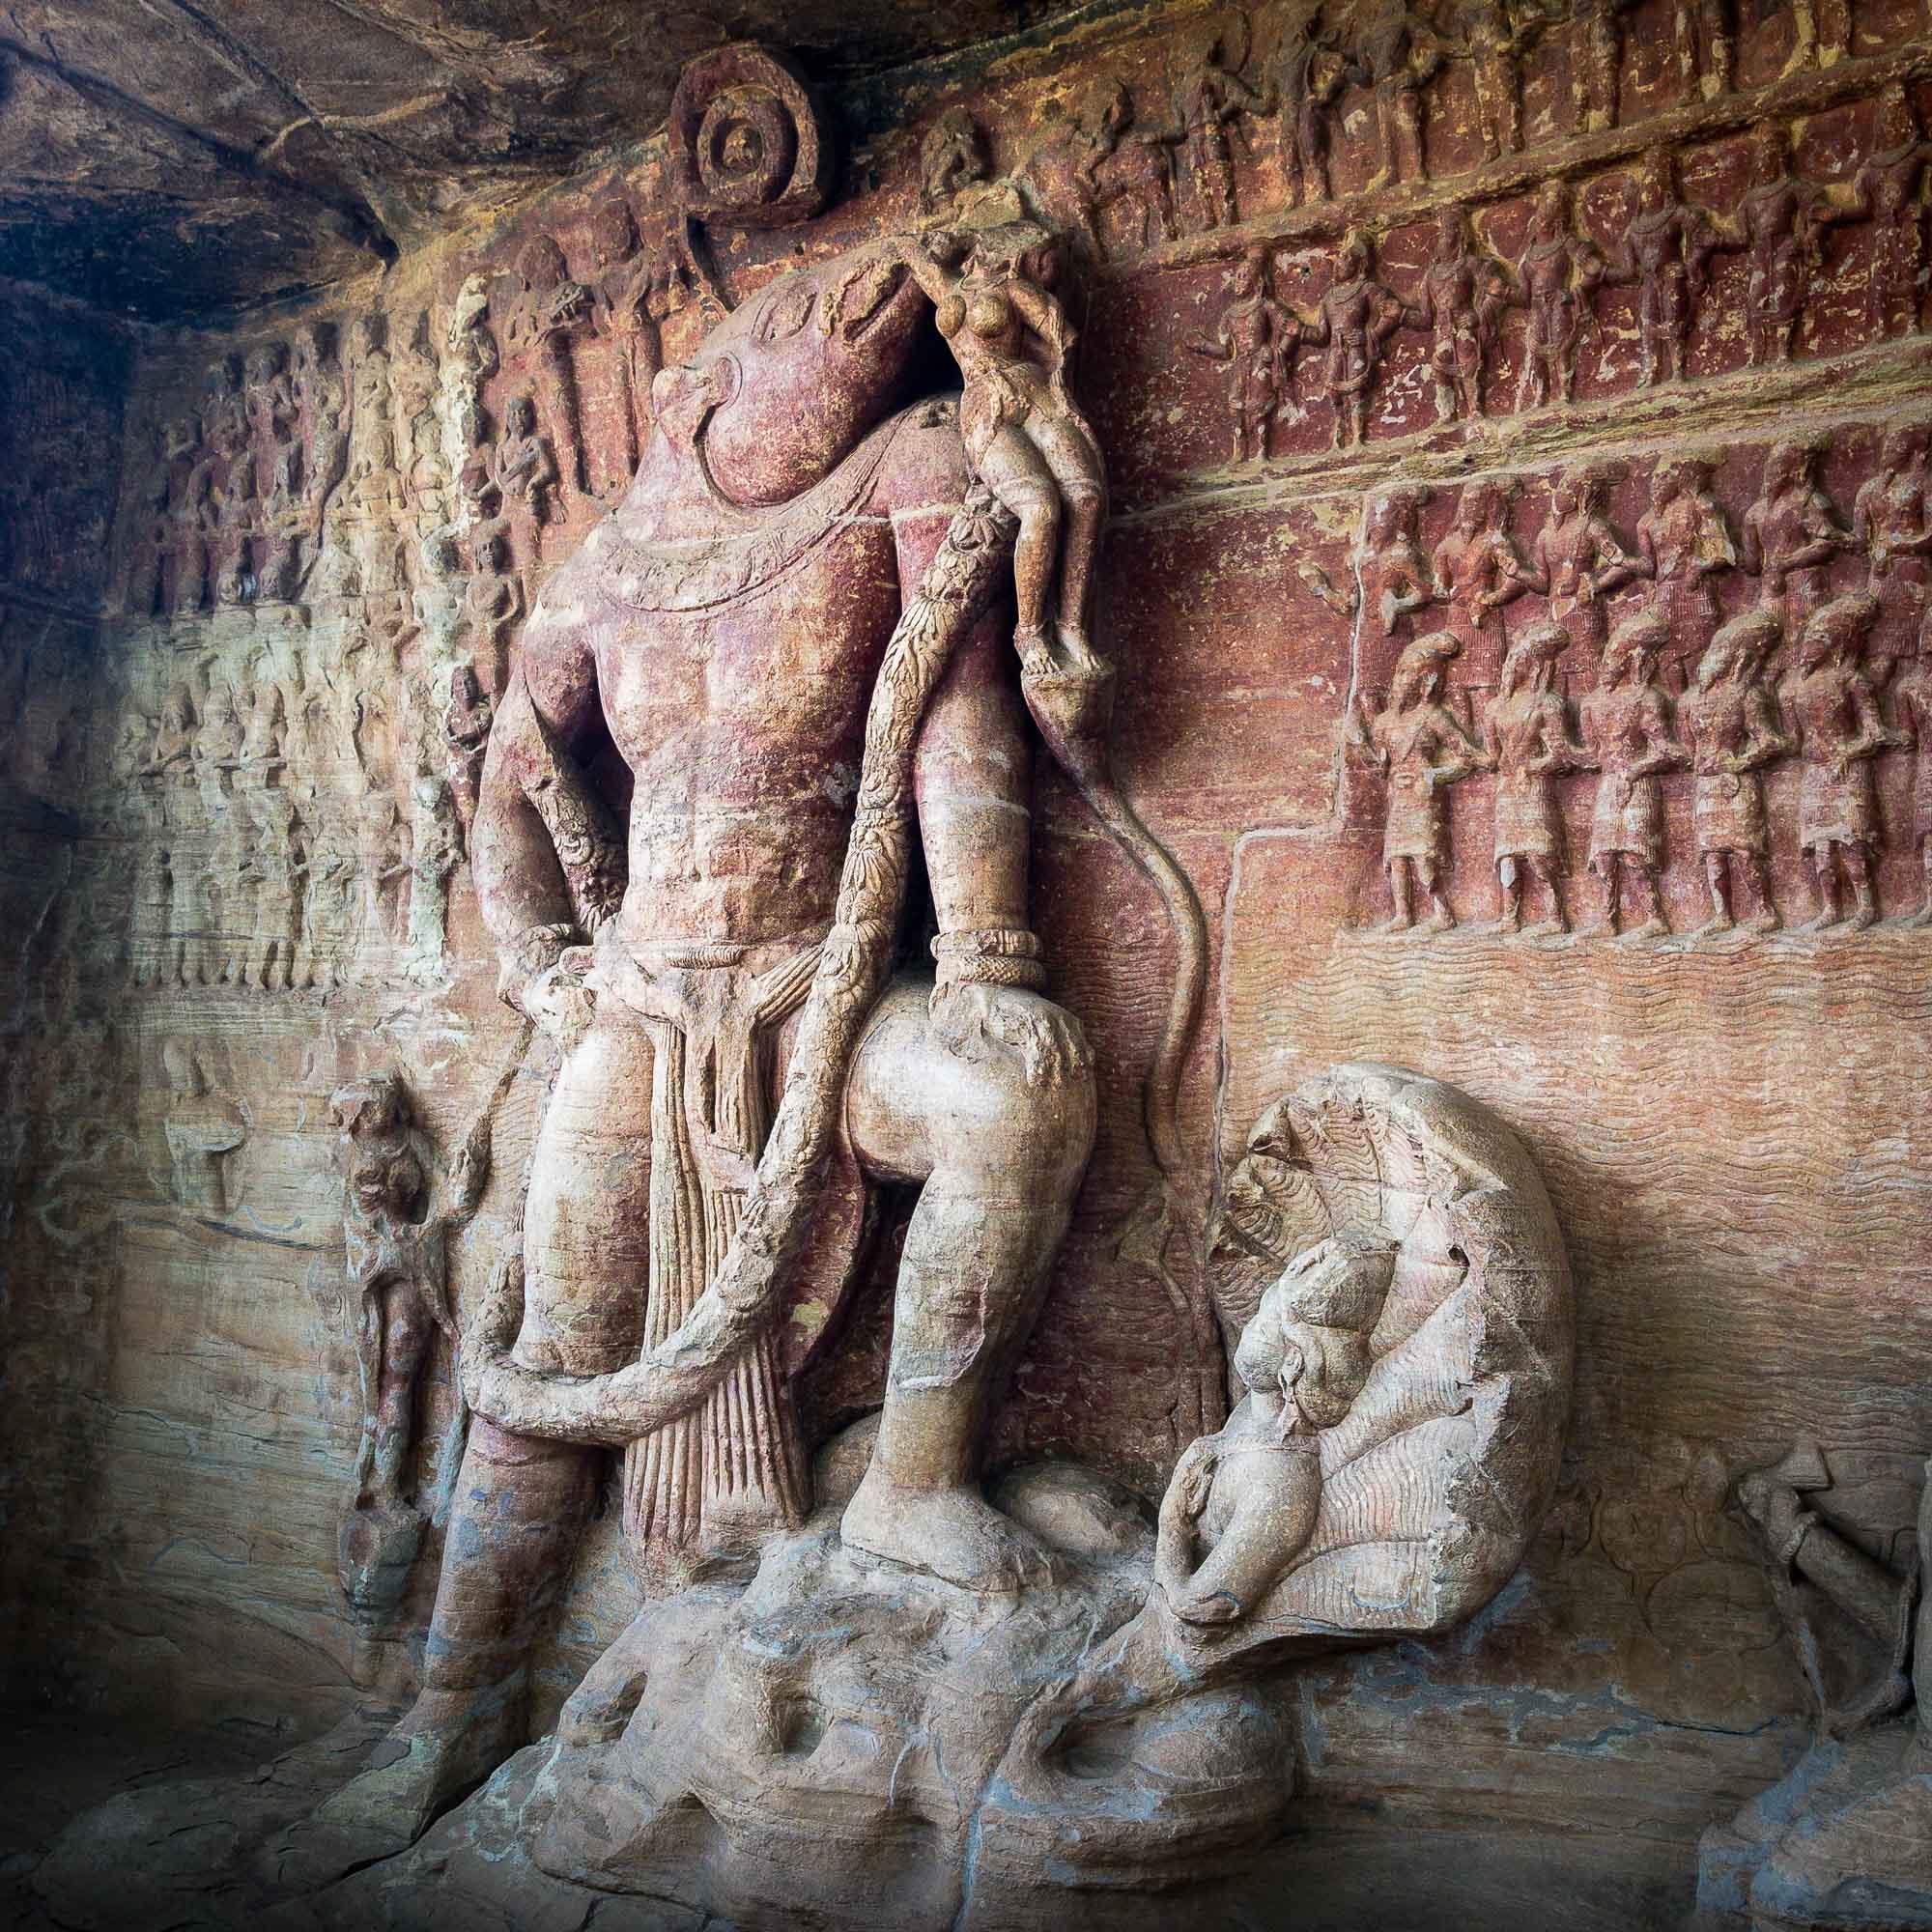 170930-madhya-pradesh-145720-instagram.jpg